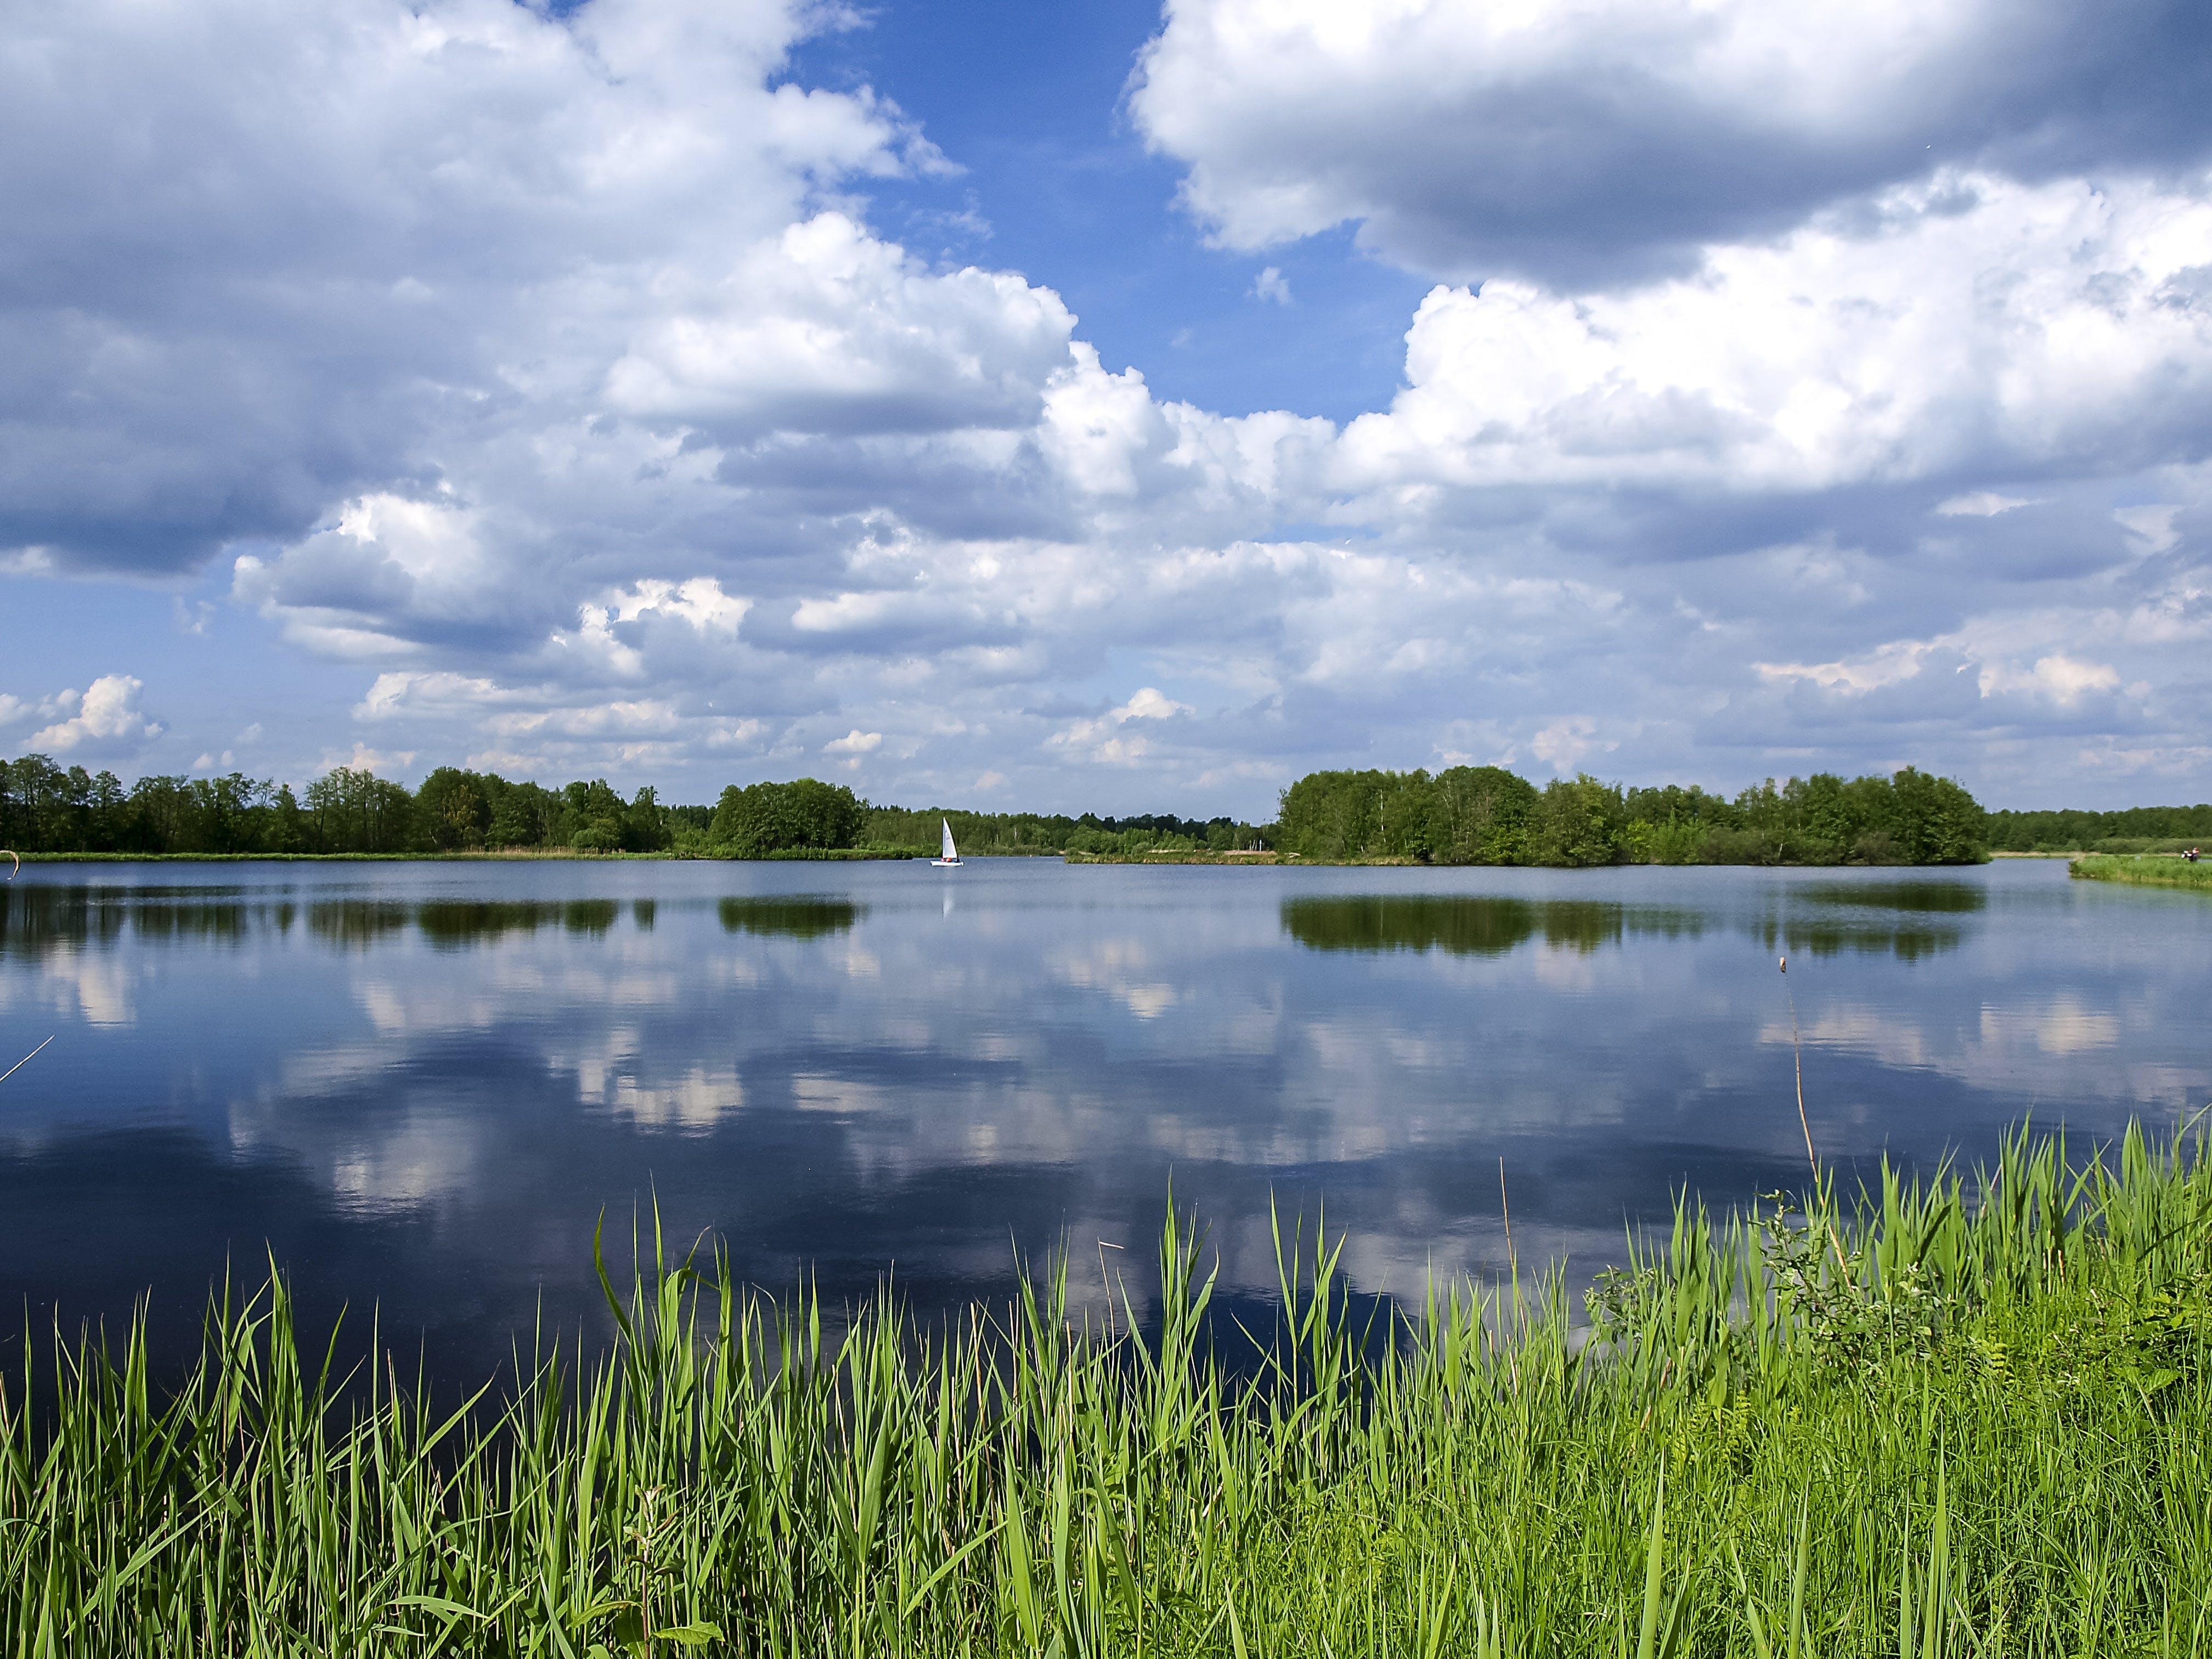 Green Grass Field Near Body of Water